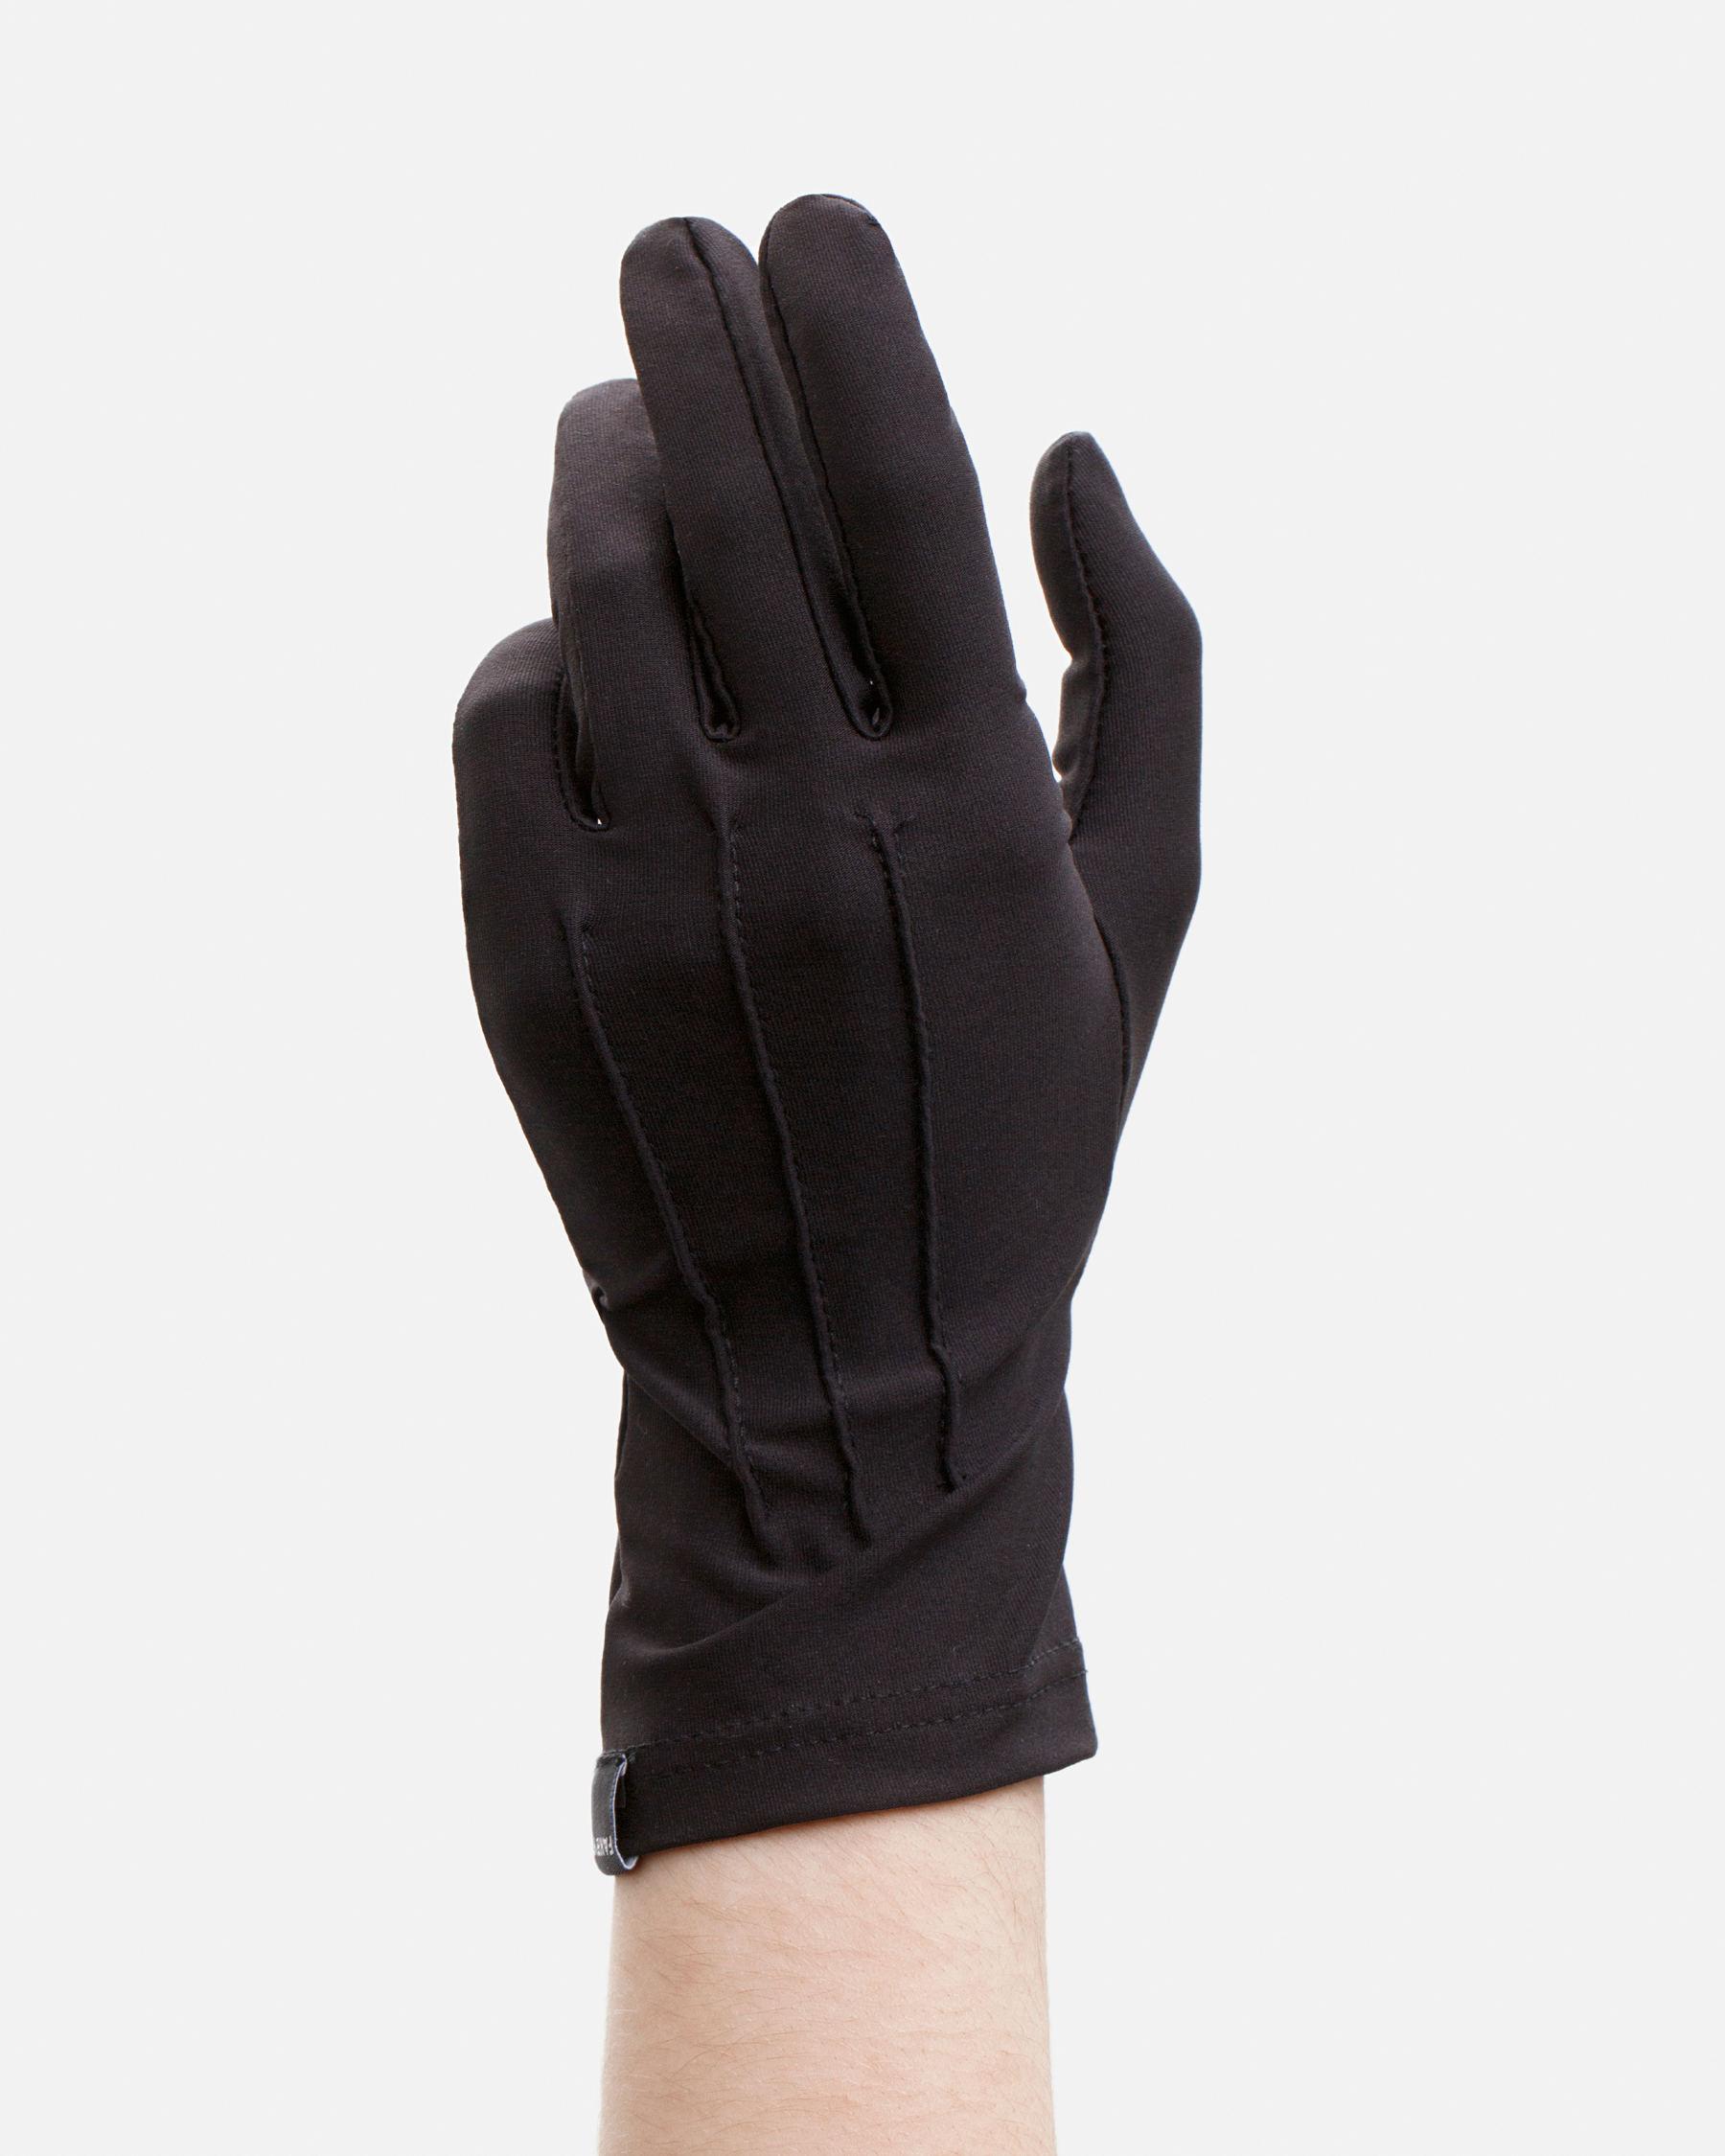 FAKBYFAK  The Vega. Fine Protective Antibacterial (ATB-UV+) Unisex Gloves. Black Code: FBF-41101-01